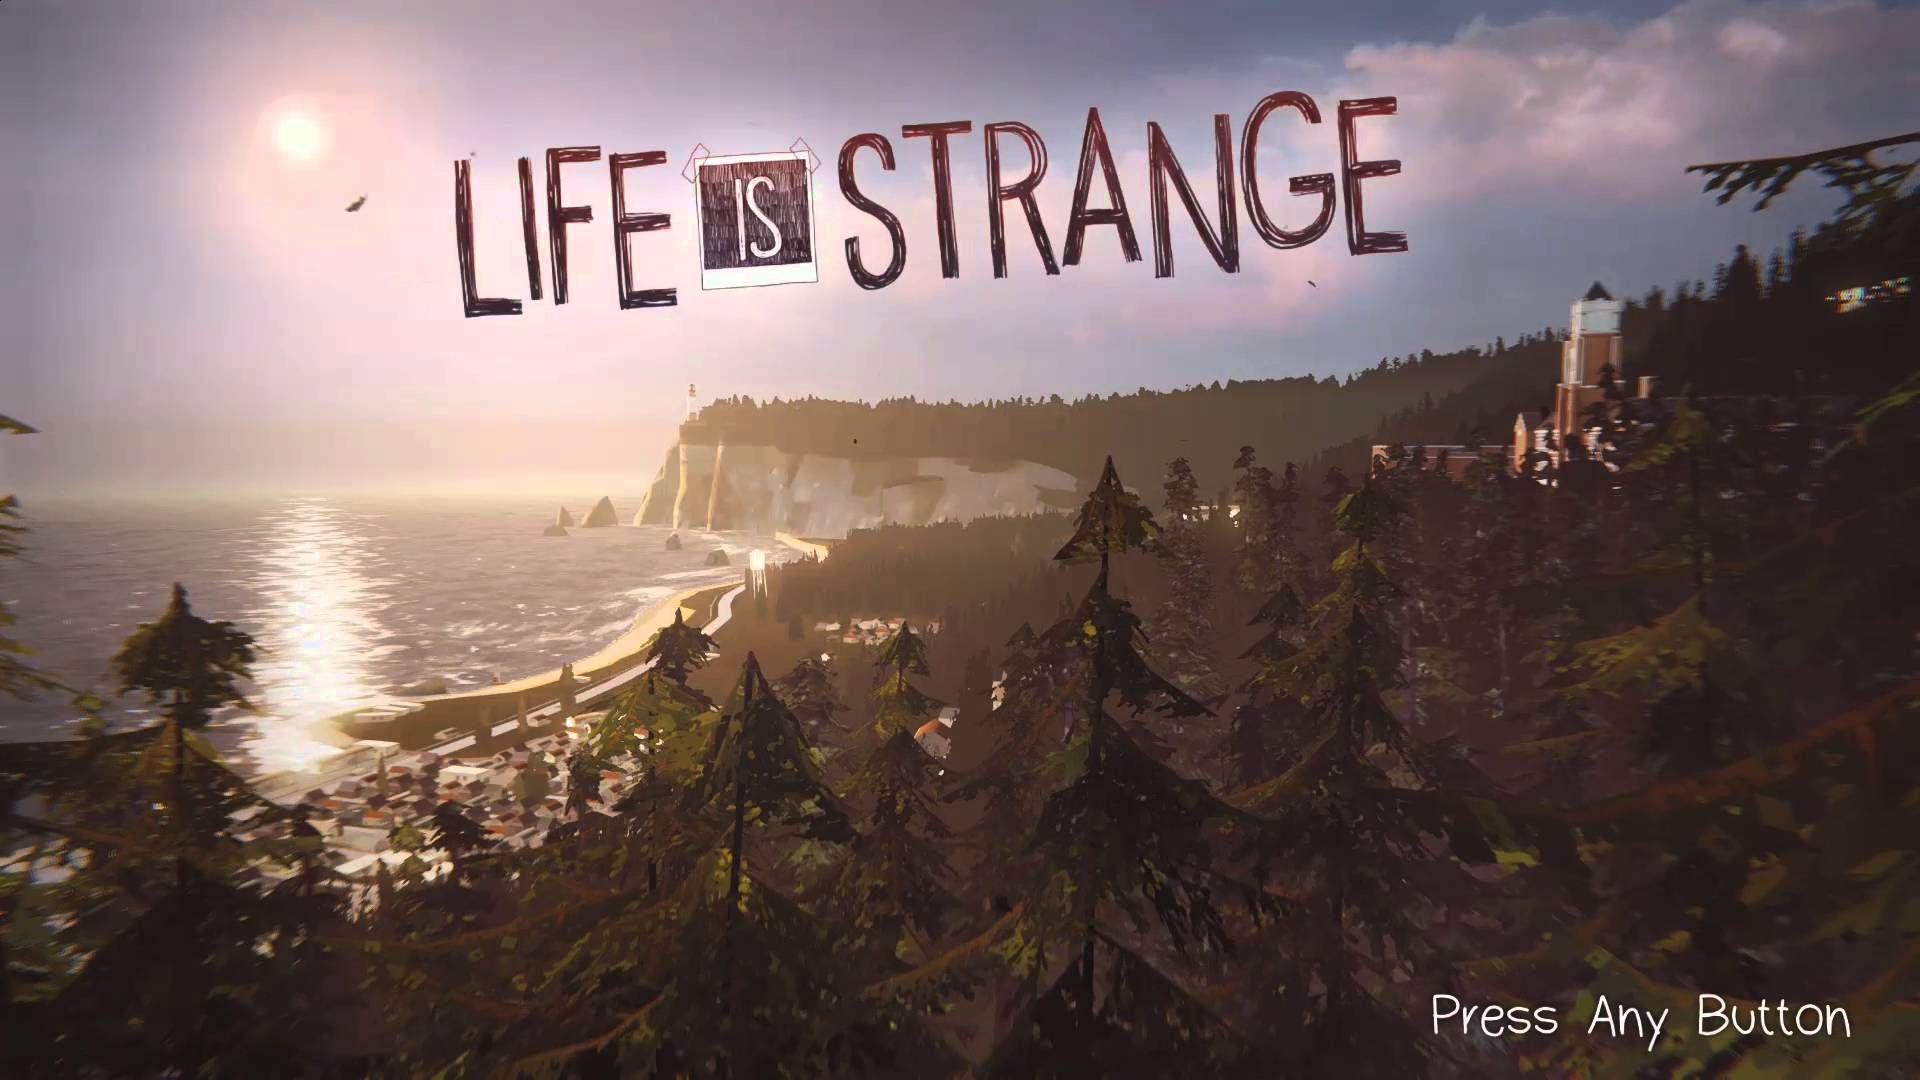 Pin On Life Is Strange